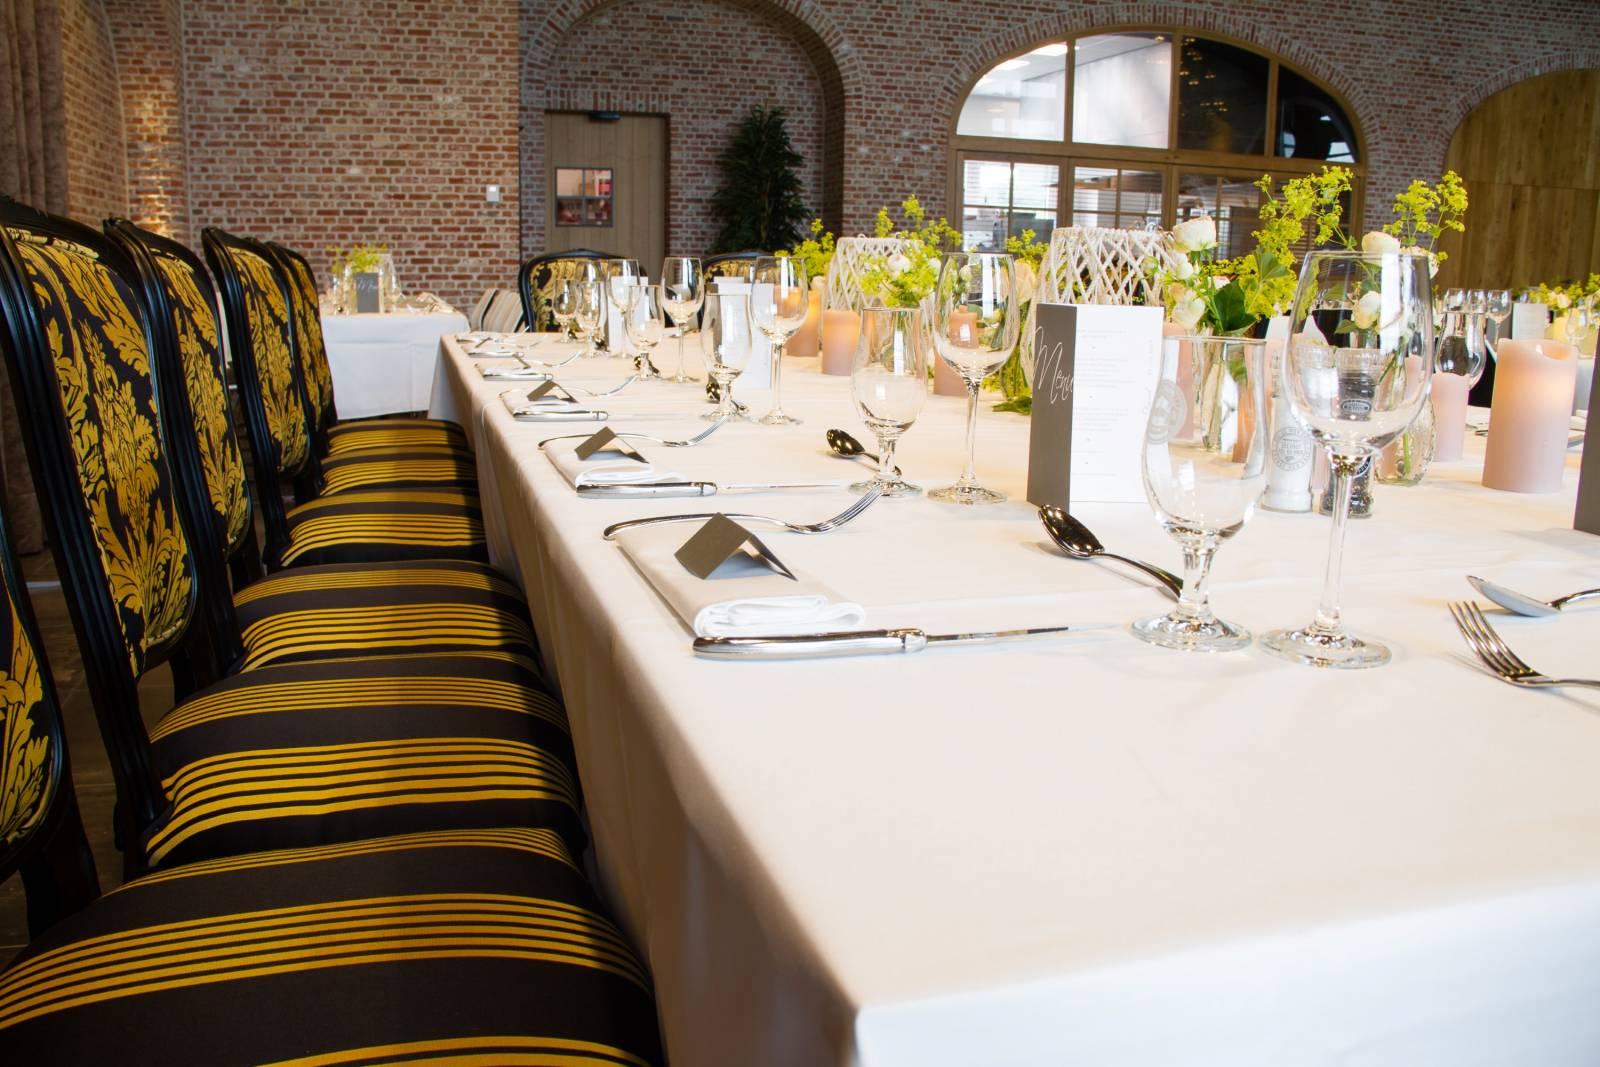 Bierkasteel House of Weddings Feestzaal West Vlaanderen grote capaciteit izegem ceremonie dansfeest exclusief huwelijk (10)